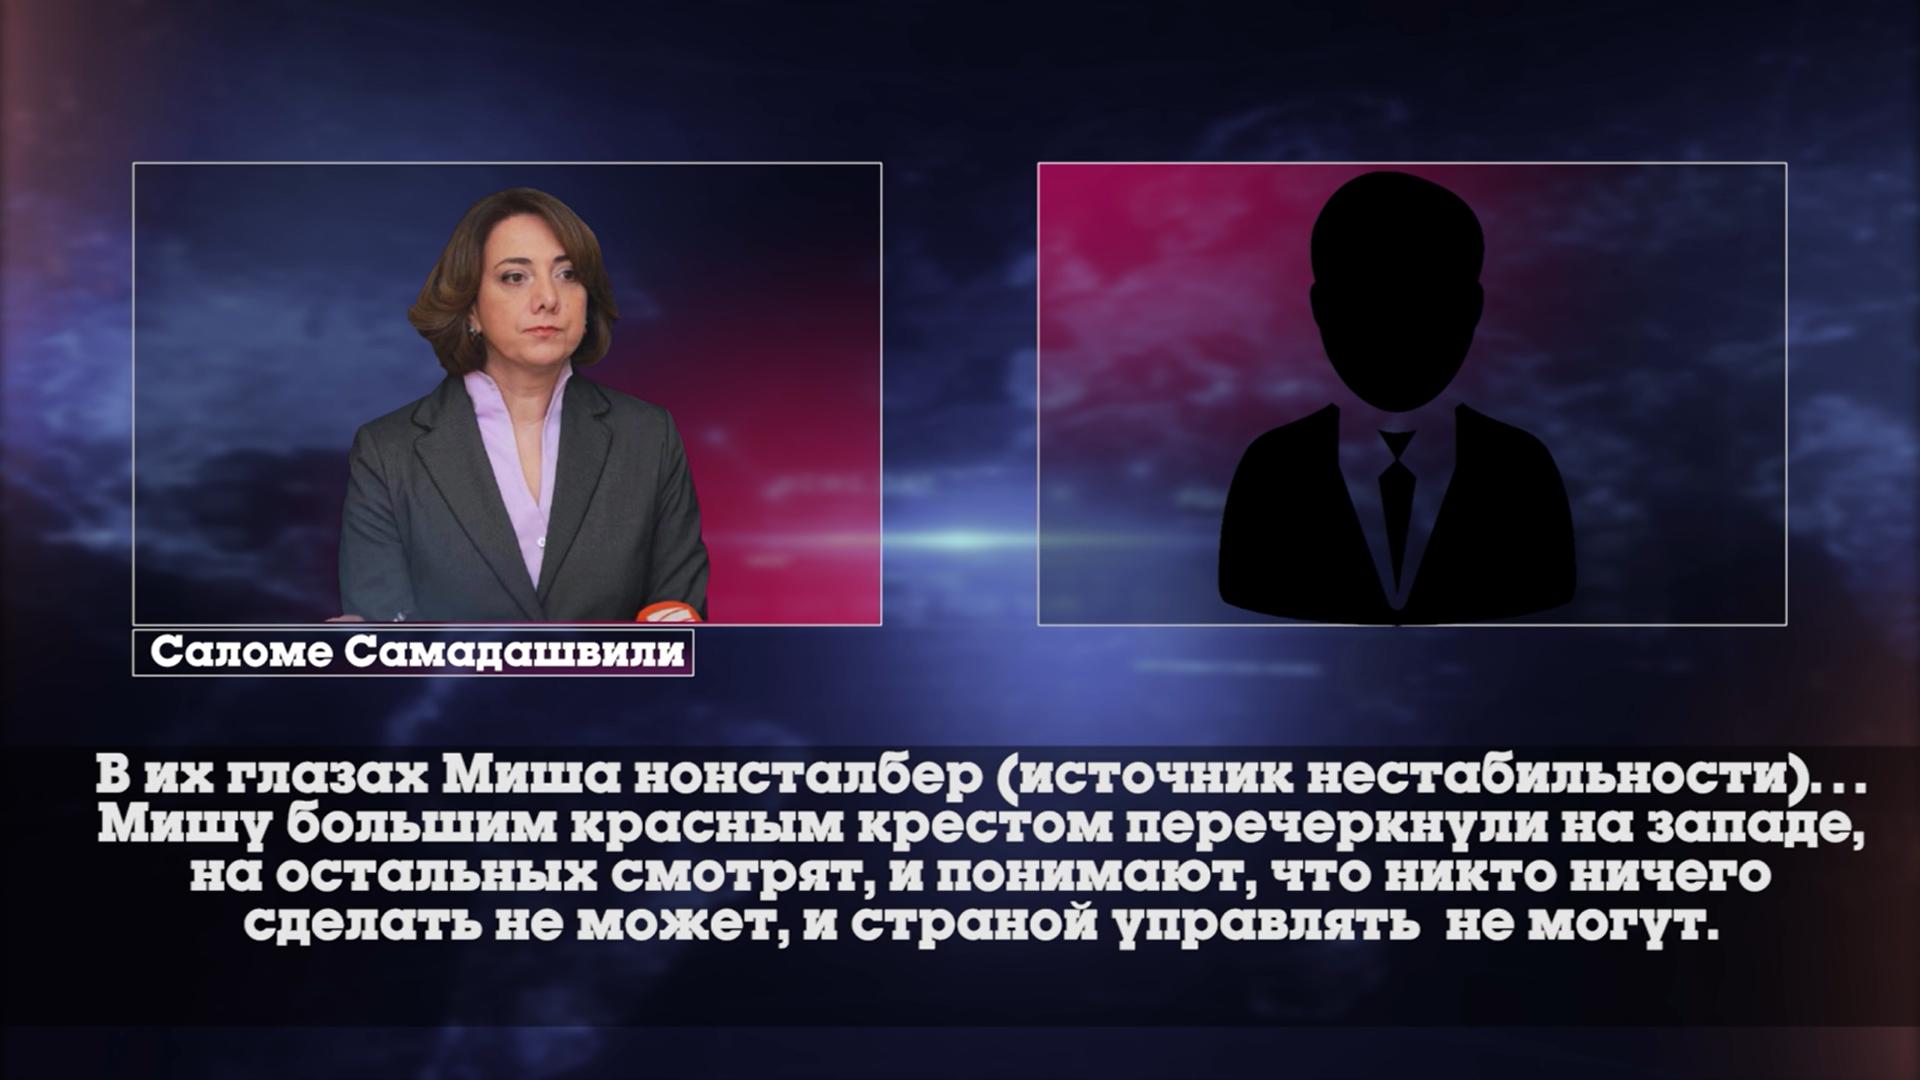 3298524 #новости Бидзина Иванишвили, Грузинская мечта, Единое Национальное Движение, Михаил Саакашвили, Саломе Самадашвили